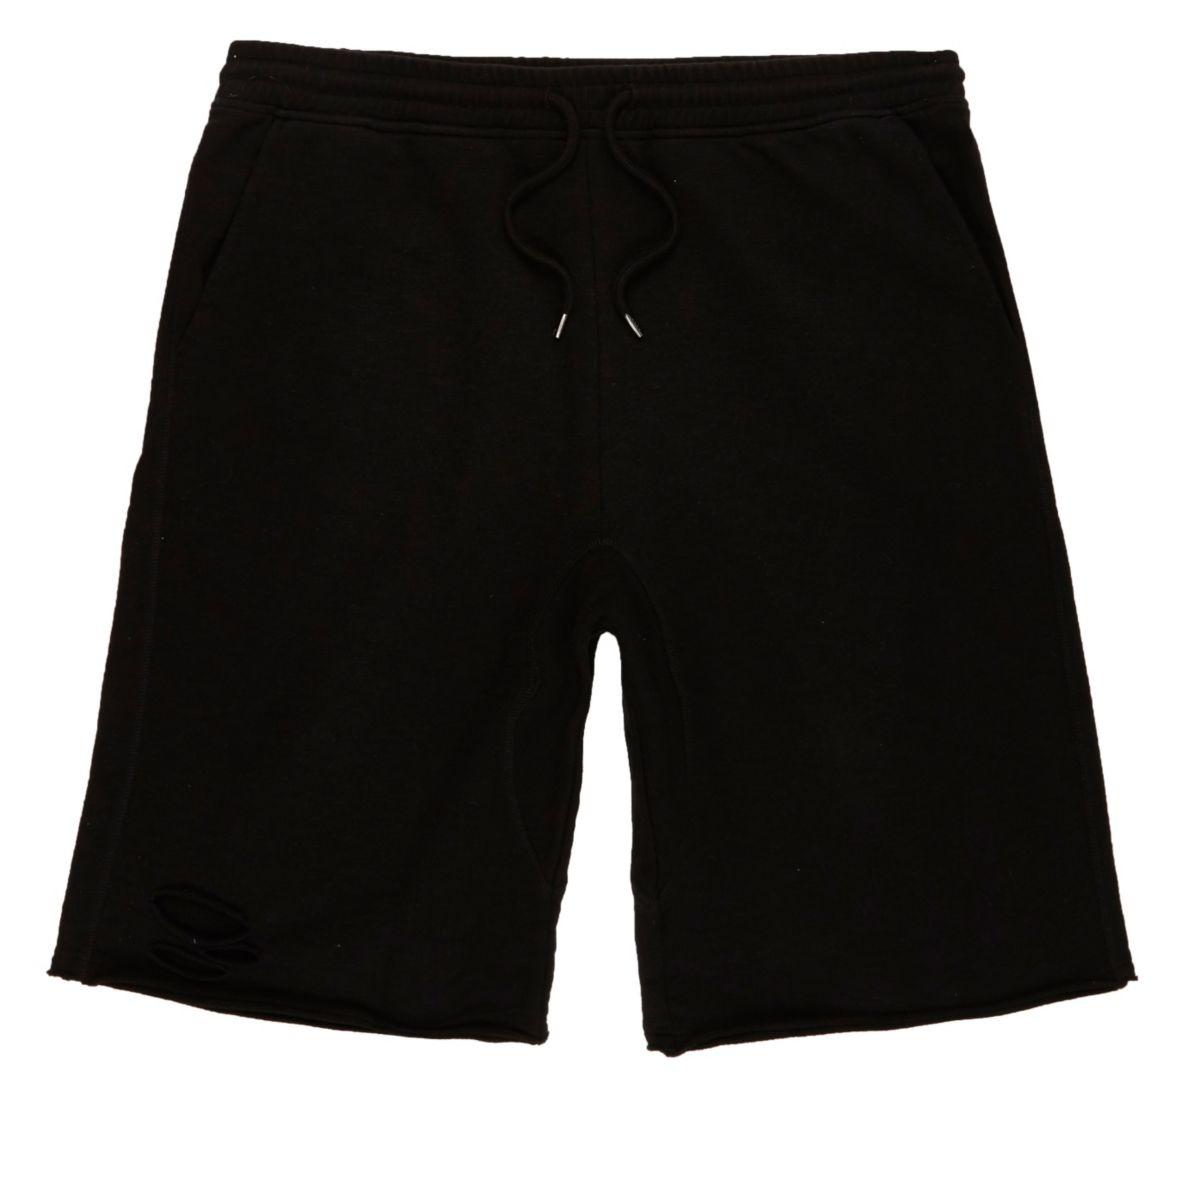 Black slub ripped shorts